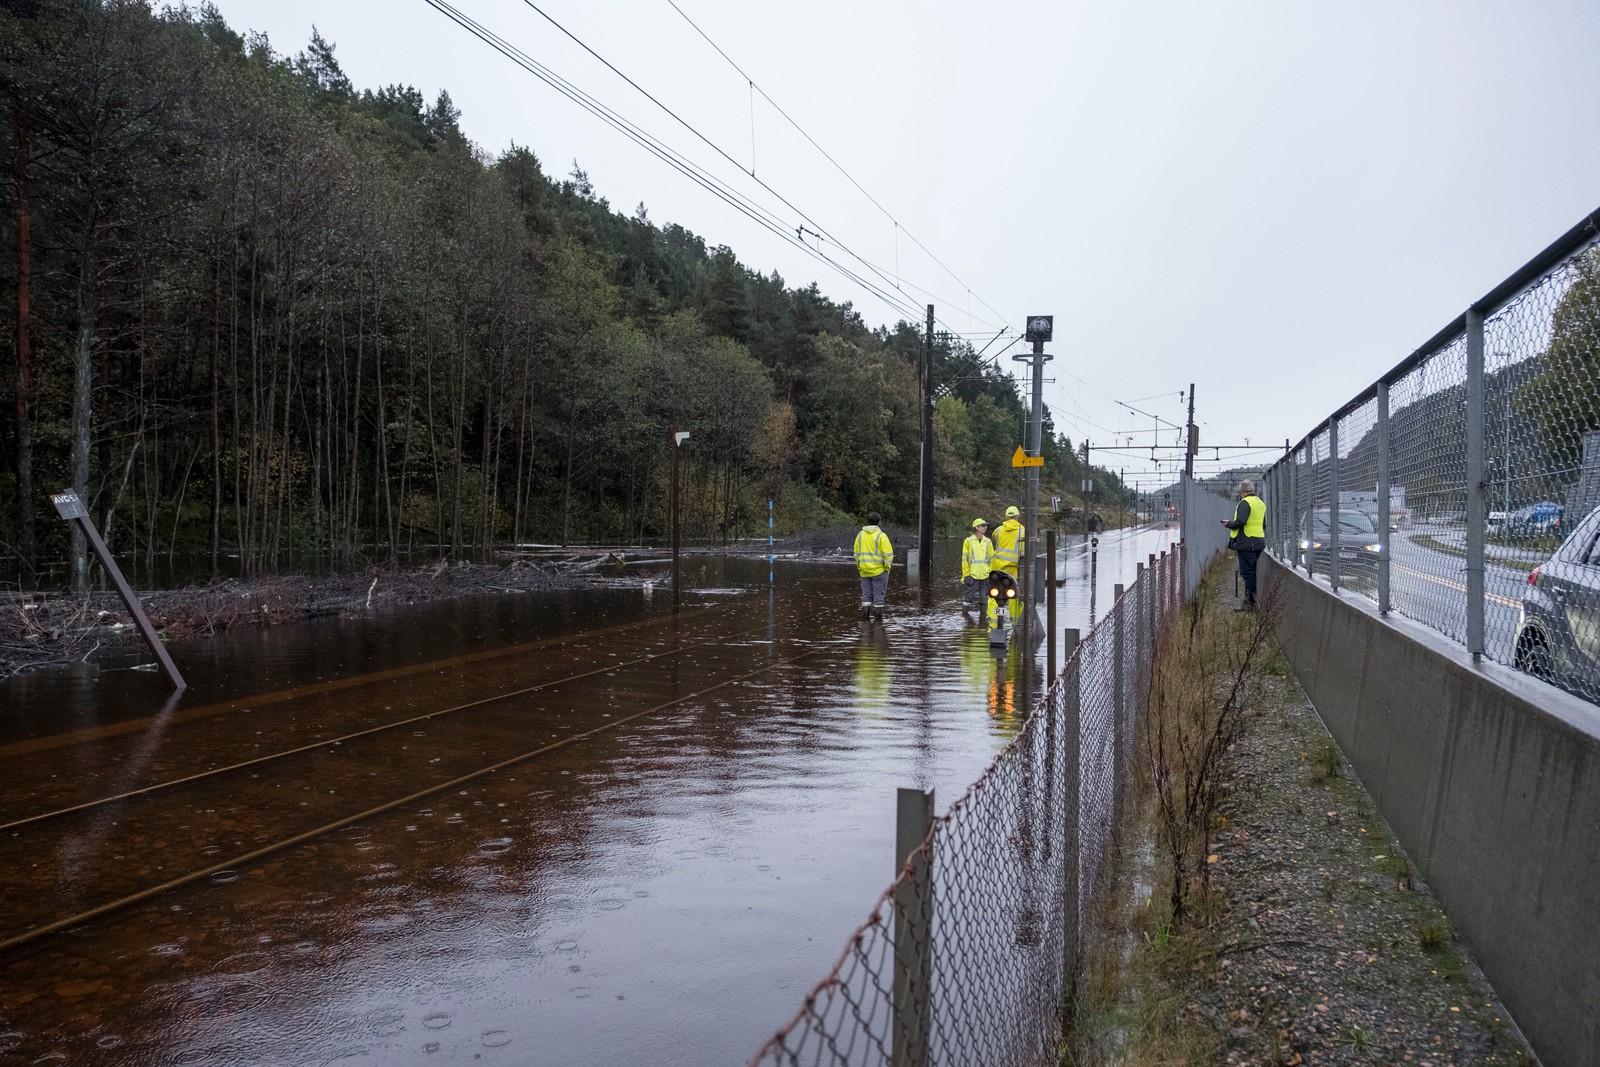 KRISTIANSAND: Regn og uvær på Sørlandet. Vannmassene går over Sørlandsbanen som er stengt nord for sentrum i Kristiansand her på Dalane.